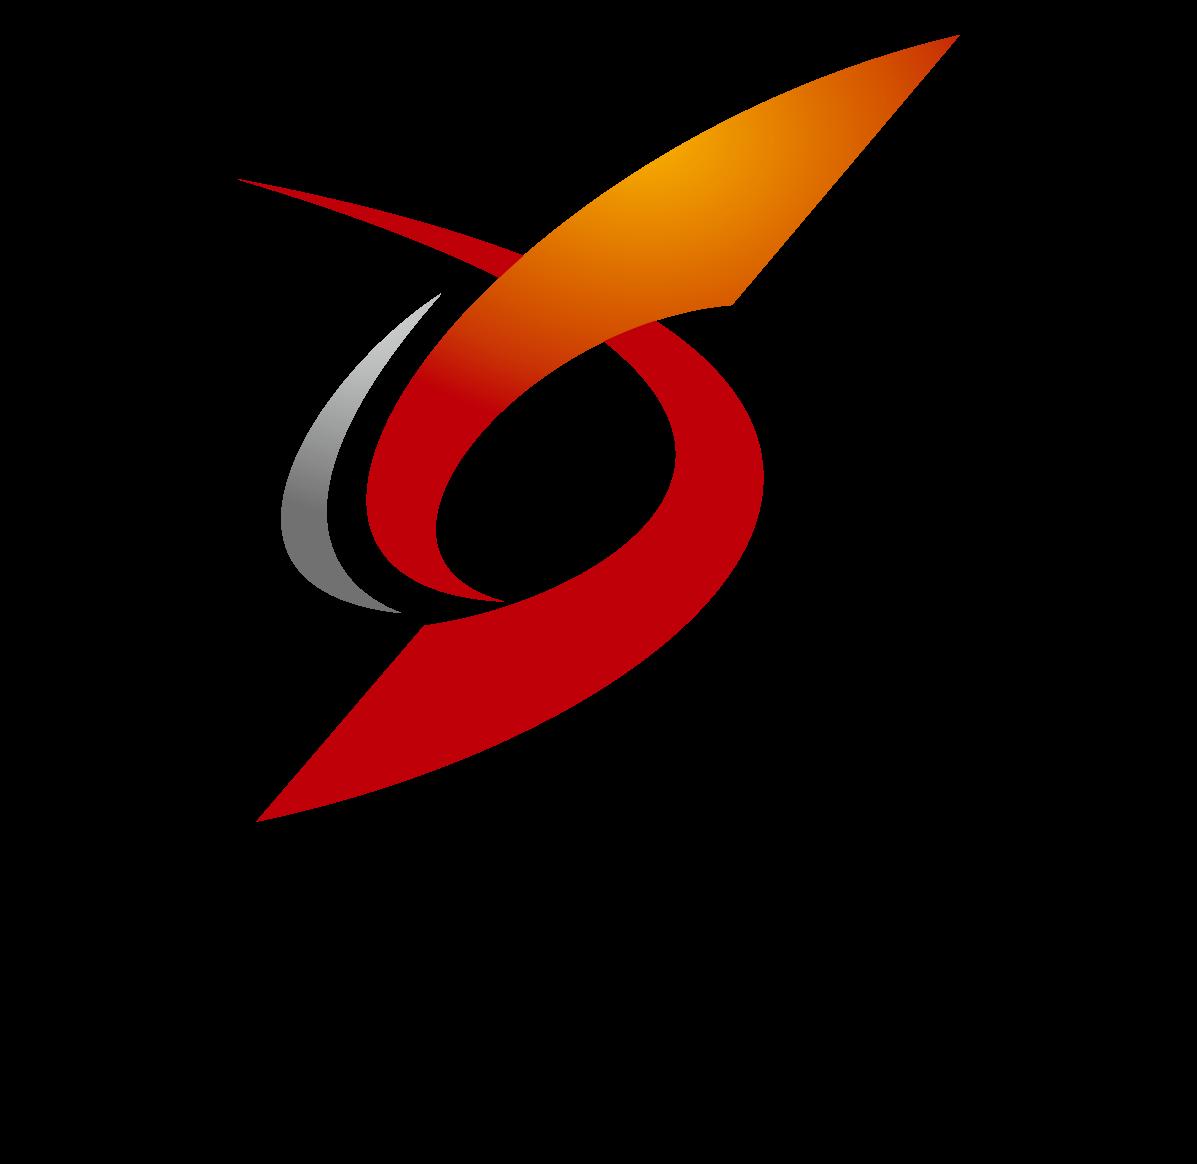 その他と堅め/堅実と赤のロゴ